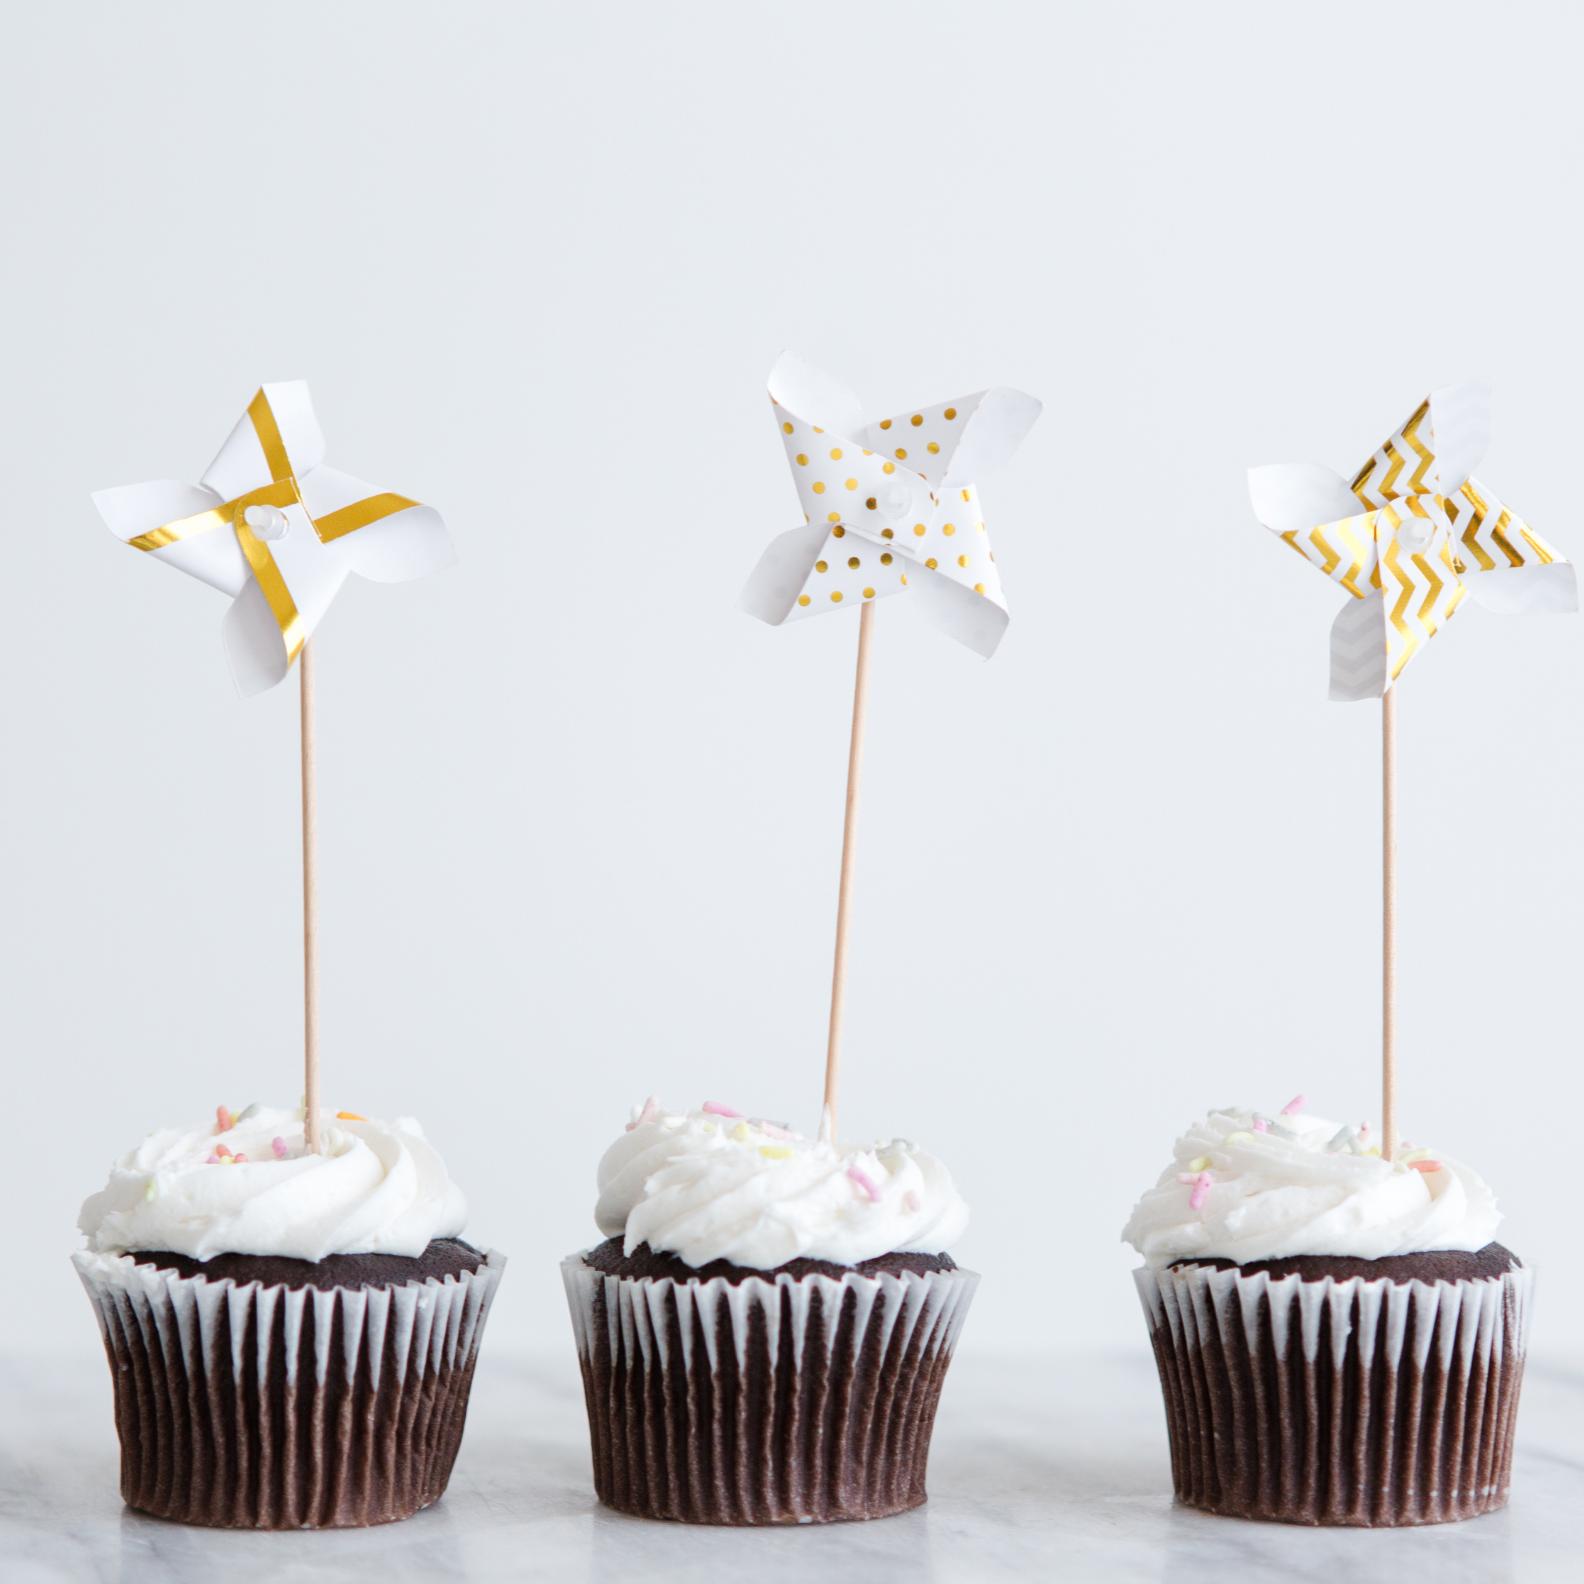 Kate's-Safe-and-Sweet-Choc-Cake-Pinwheels